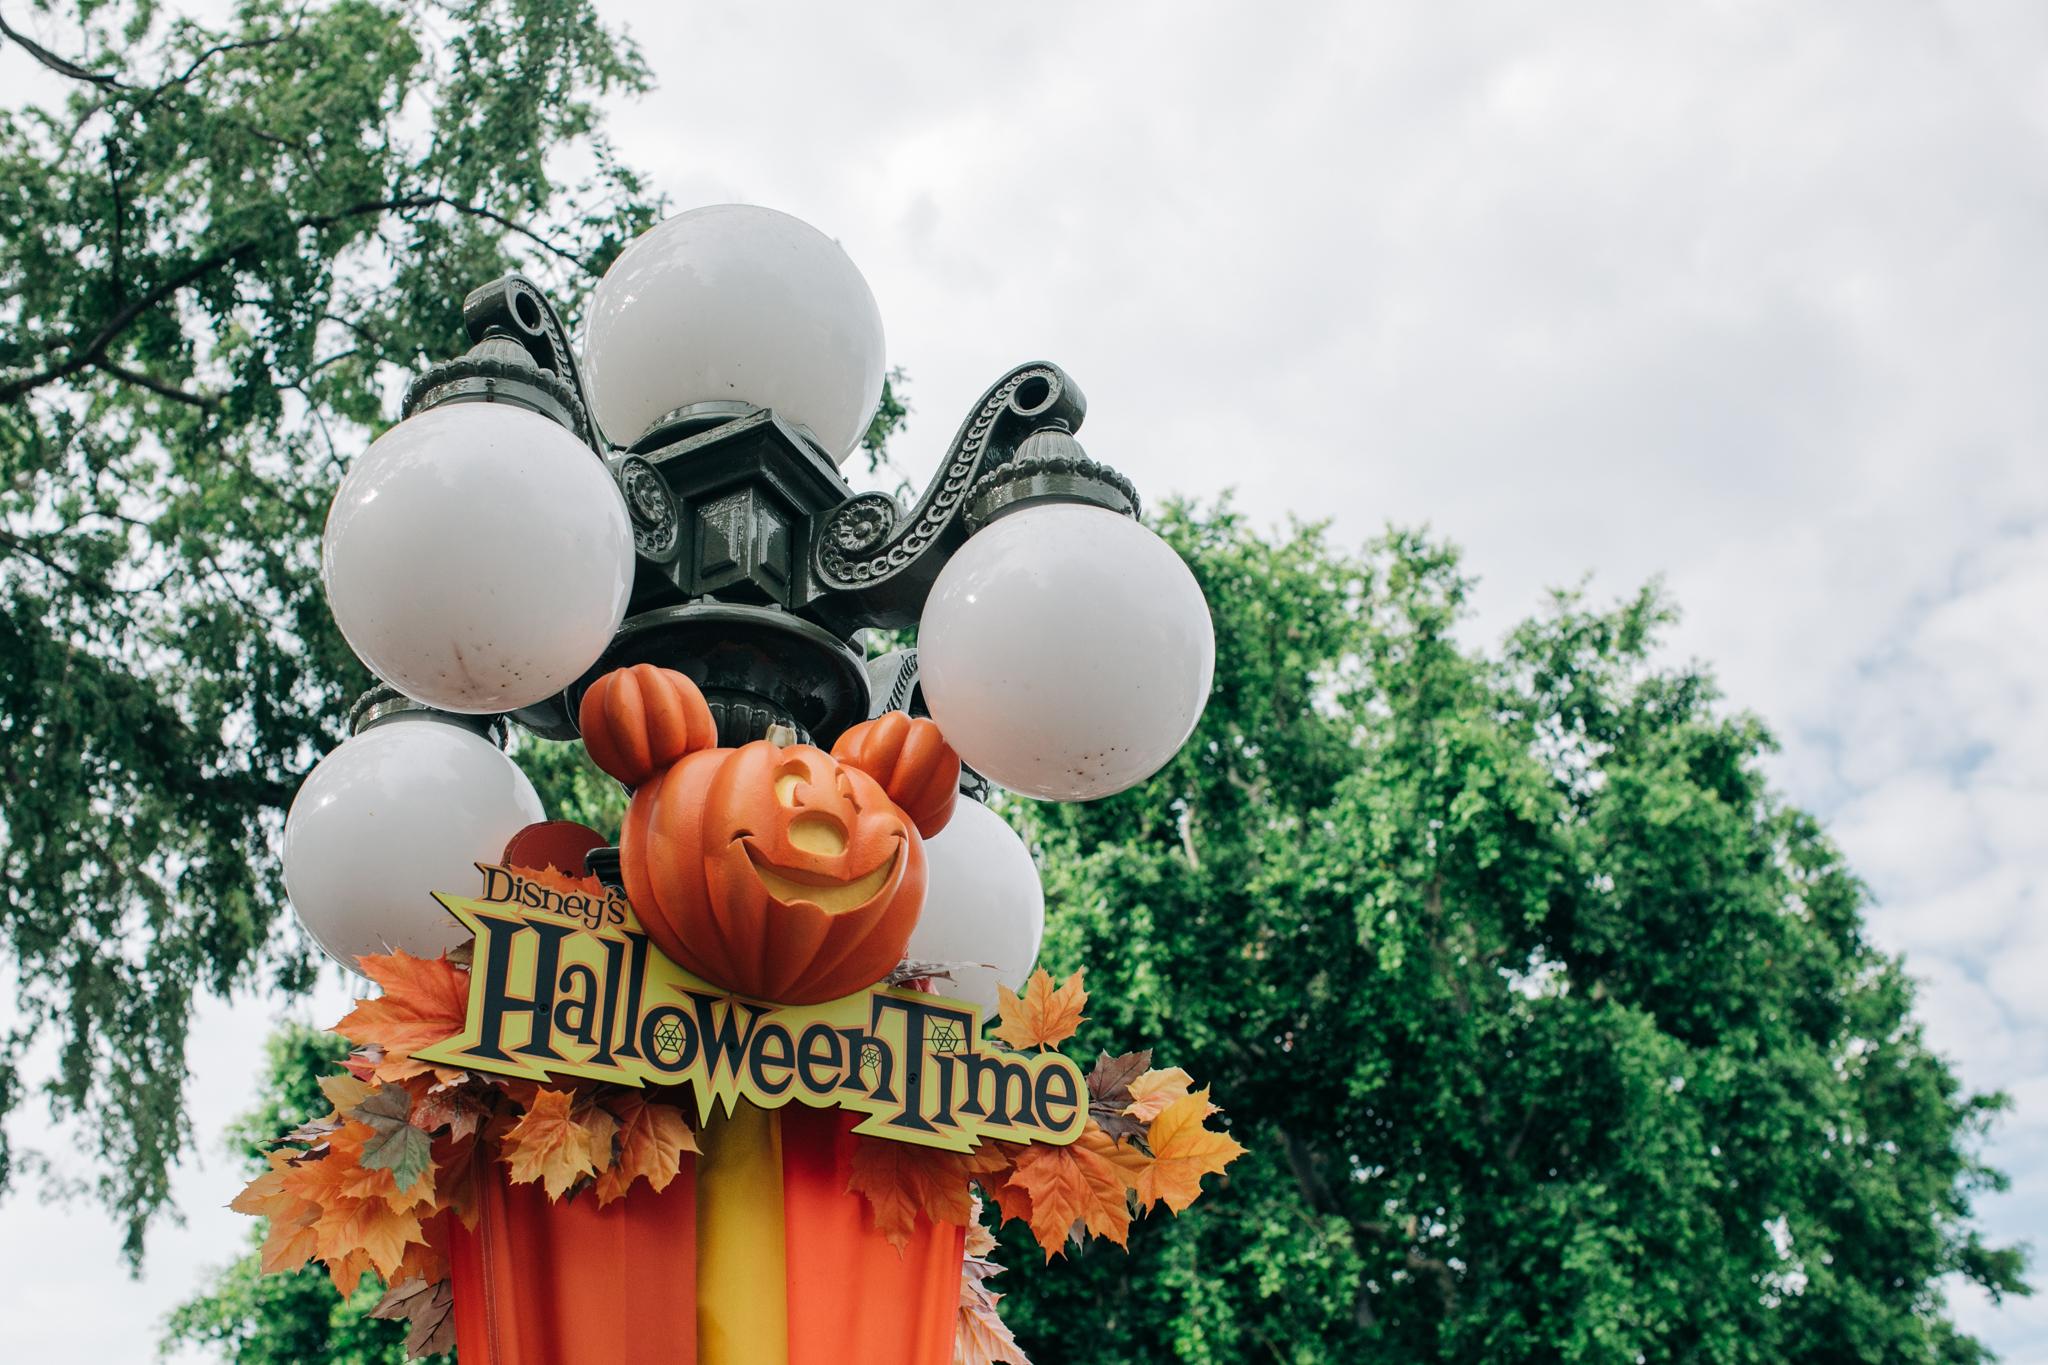 BabyBoyBakery_Disneyland_LilyRo-5.jpg